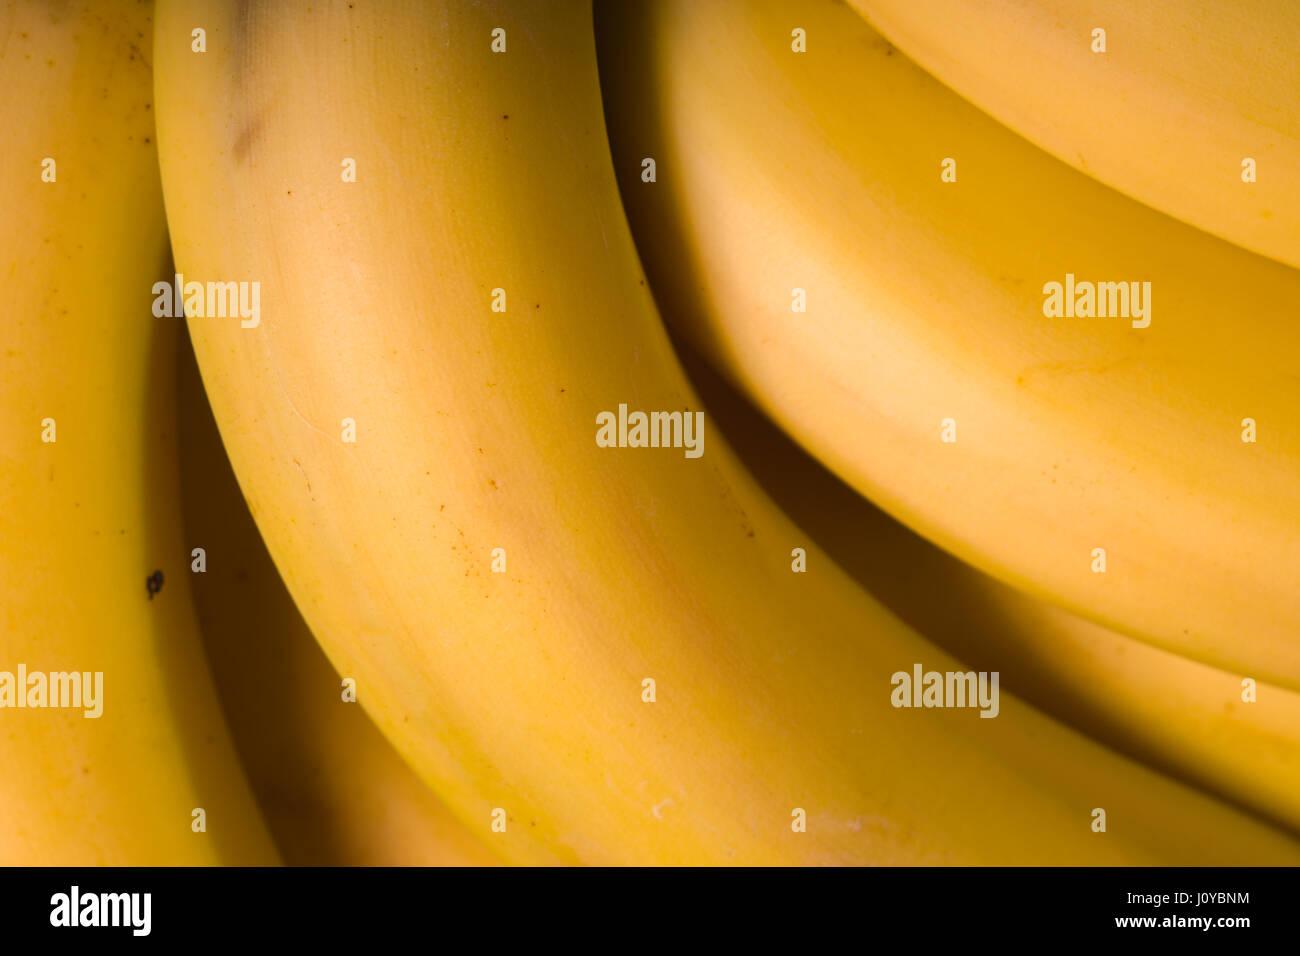 Vista superior de plátanos orgánicos frescos closeup Imagen De Stock